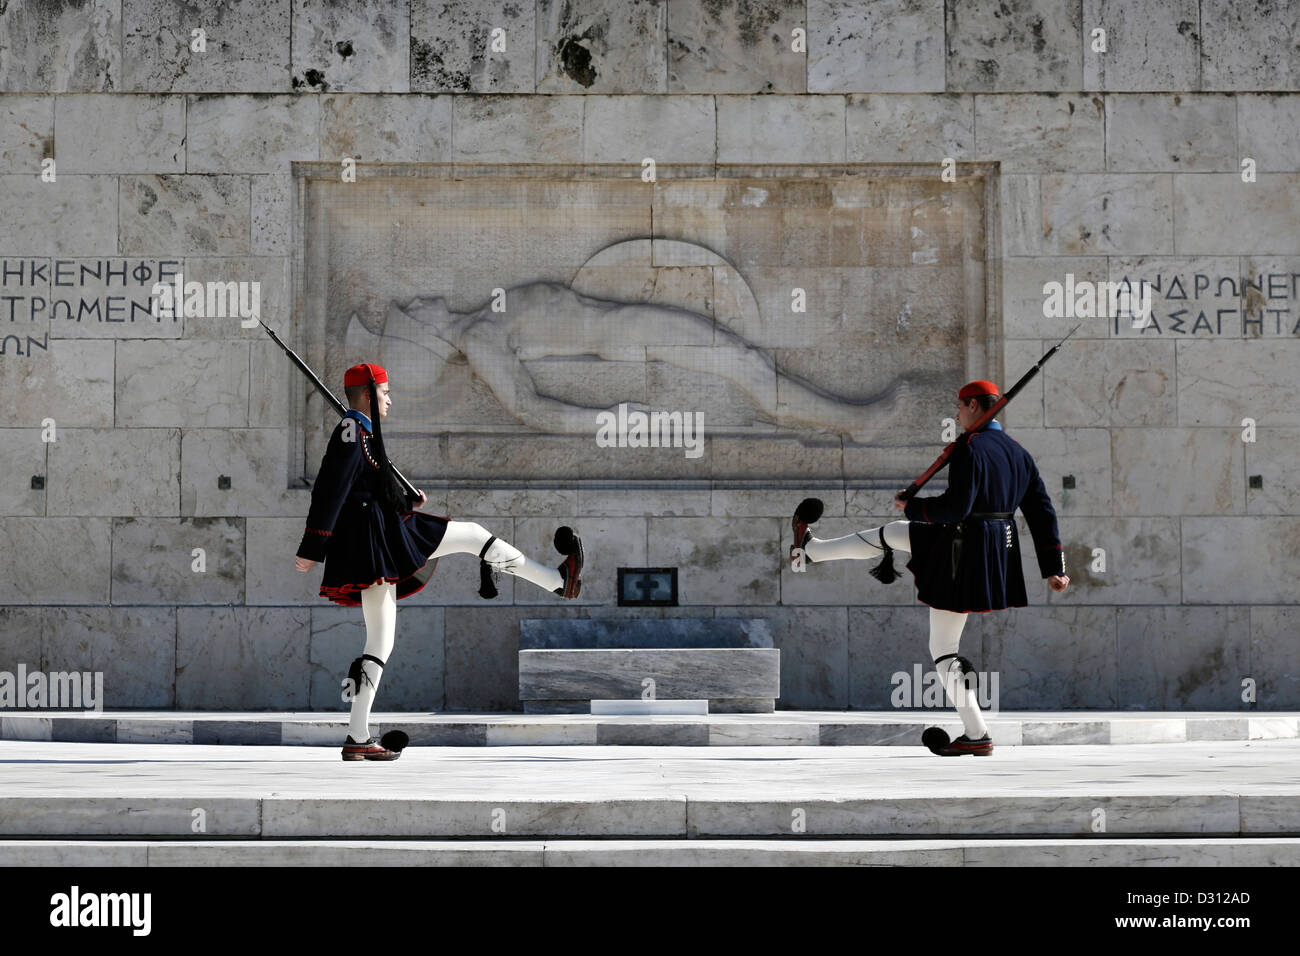 Protezioni presidenziale (Evzones) esecuzione di fronte alla tomba del Milite Ignoto, Atene, Grecia. Foto Stock